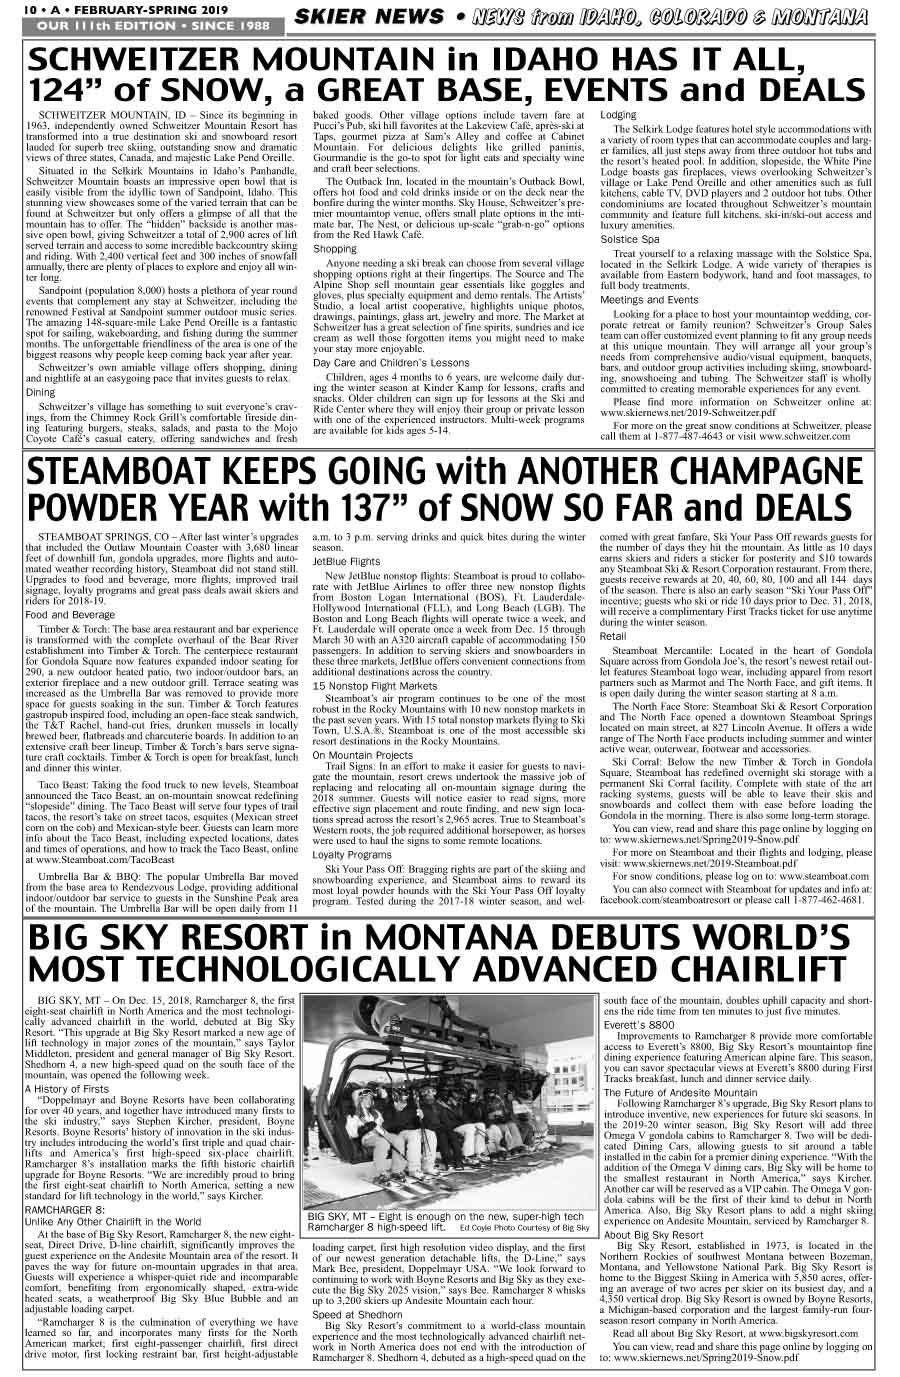 News from Schweitzer, Steamboat, Big Sky